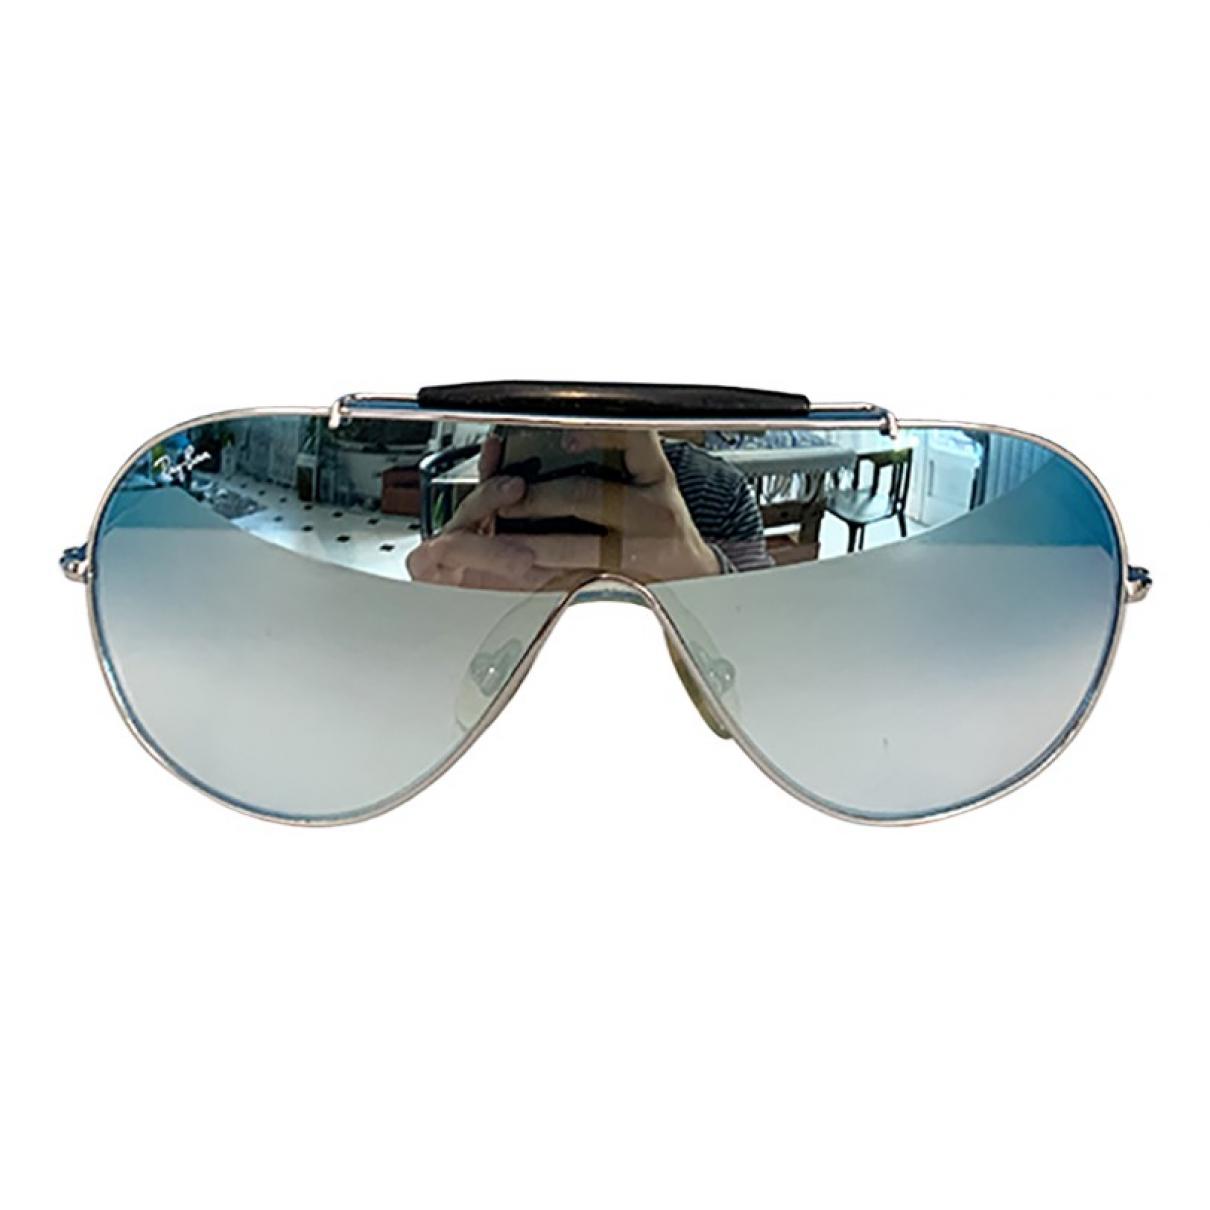 Ray-ban Aviator Metallic Metal Sunglasses for Men N